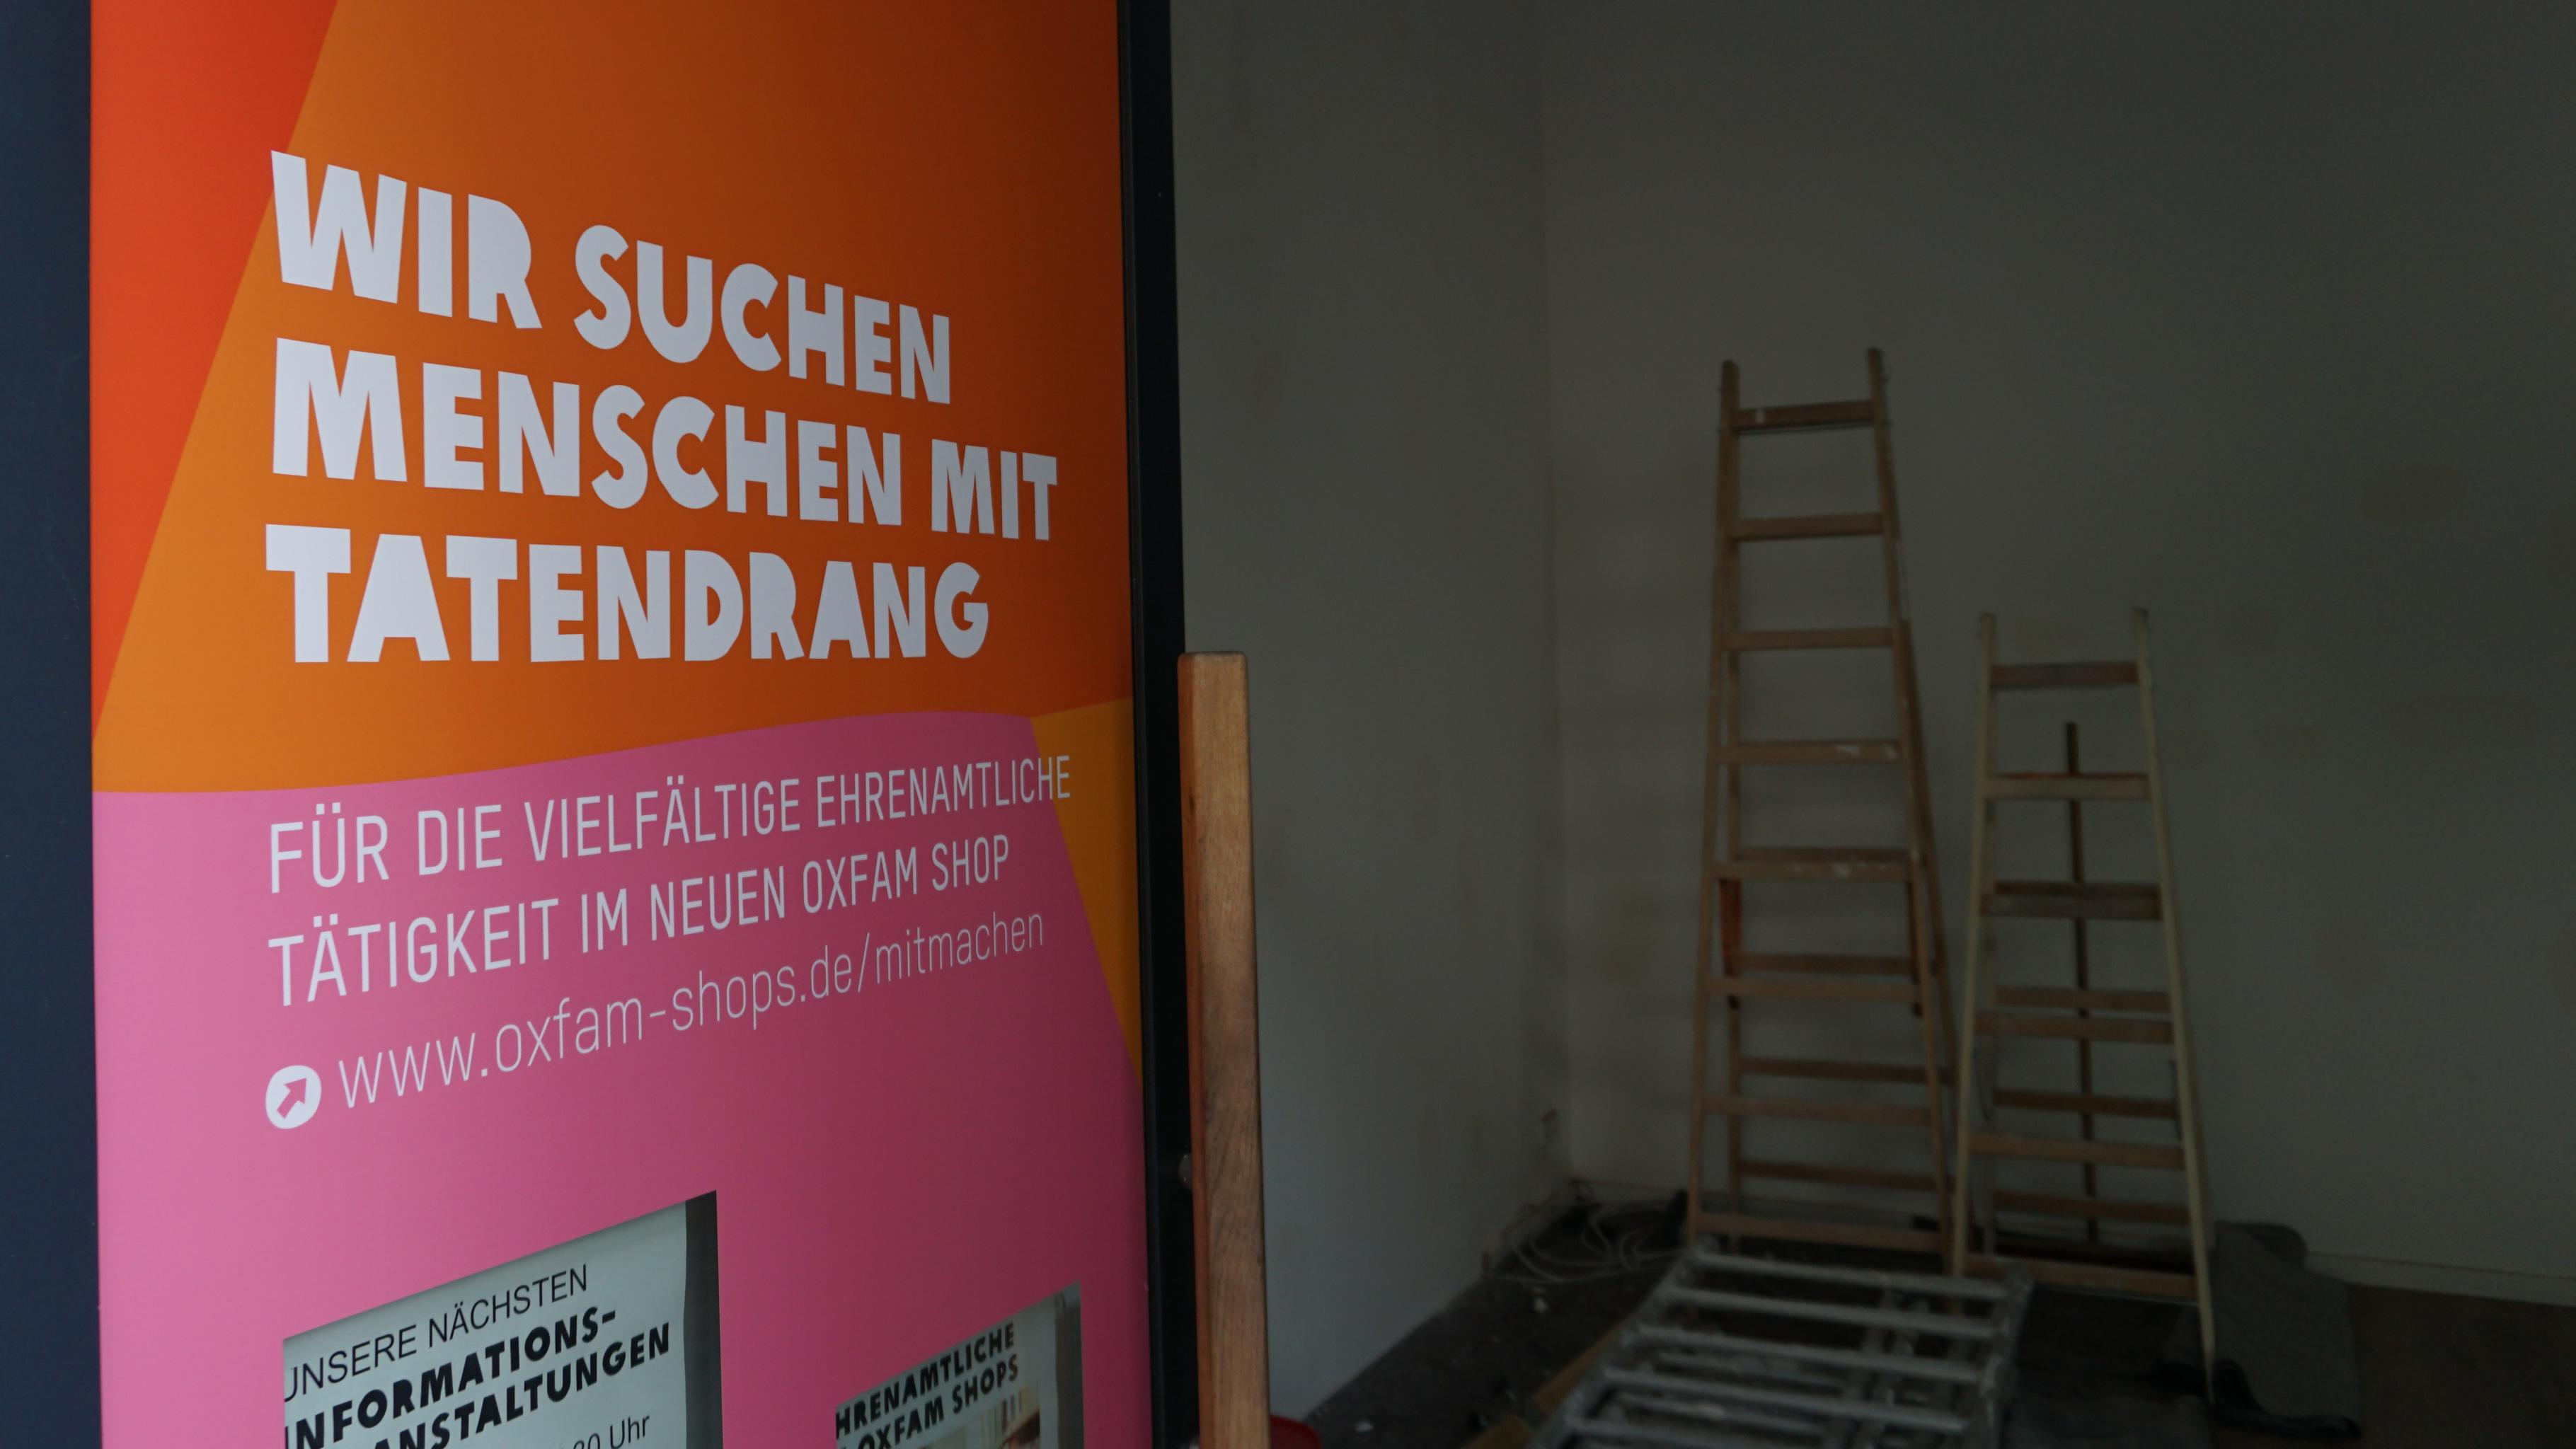 Blick in den Oxfam Shop Berlin-Kreuzberg